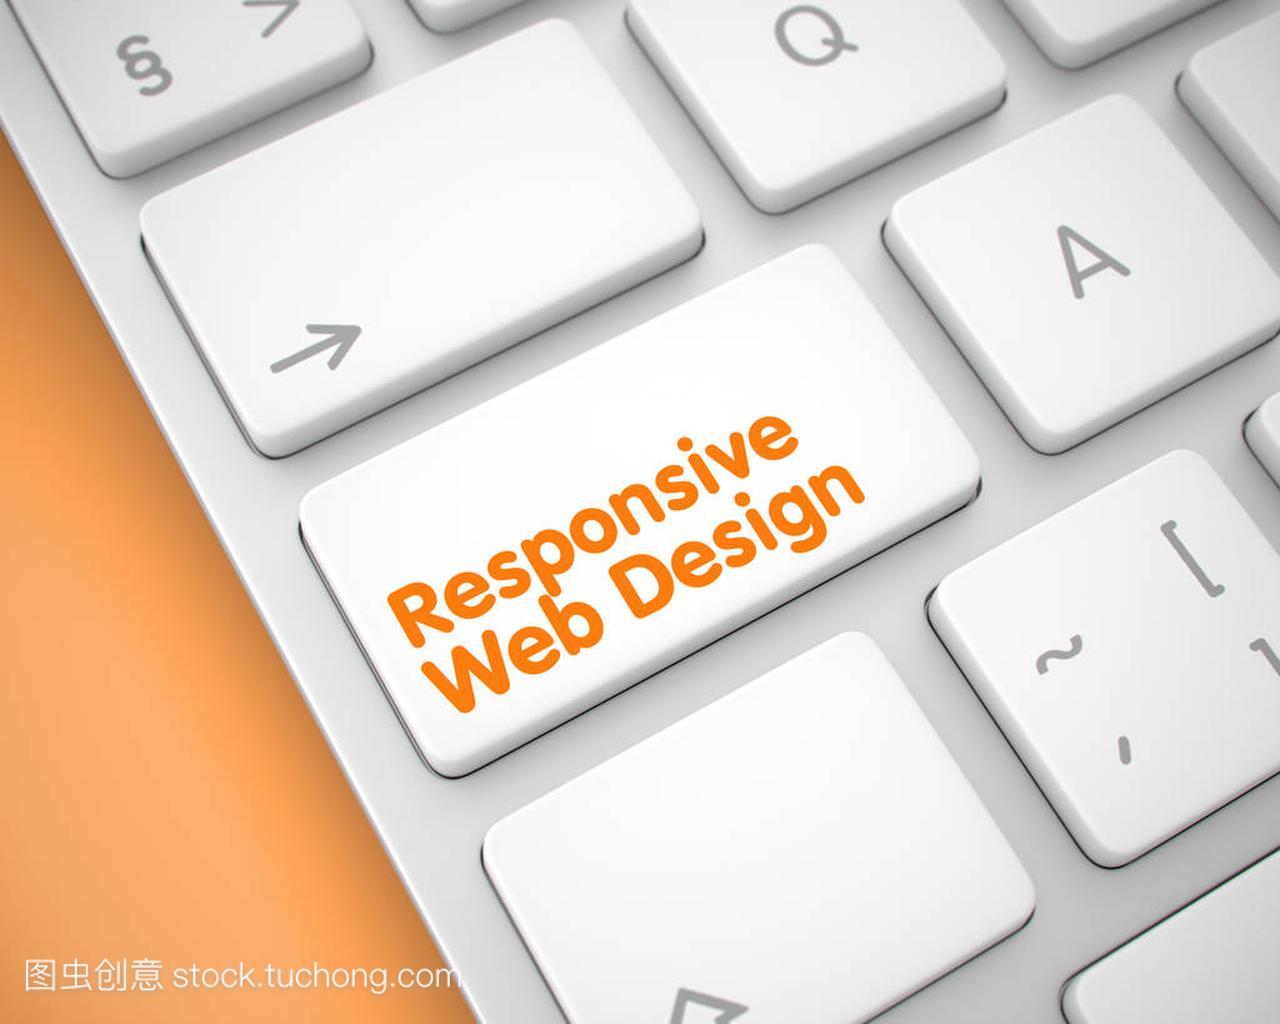 建筑的Webv键盘-键盘按键院长上的消息。3d响应设计院副白色岗位职责图片